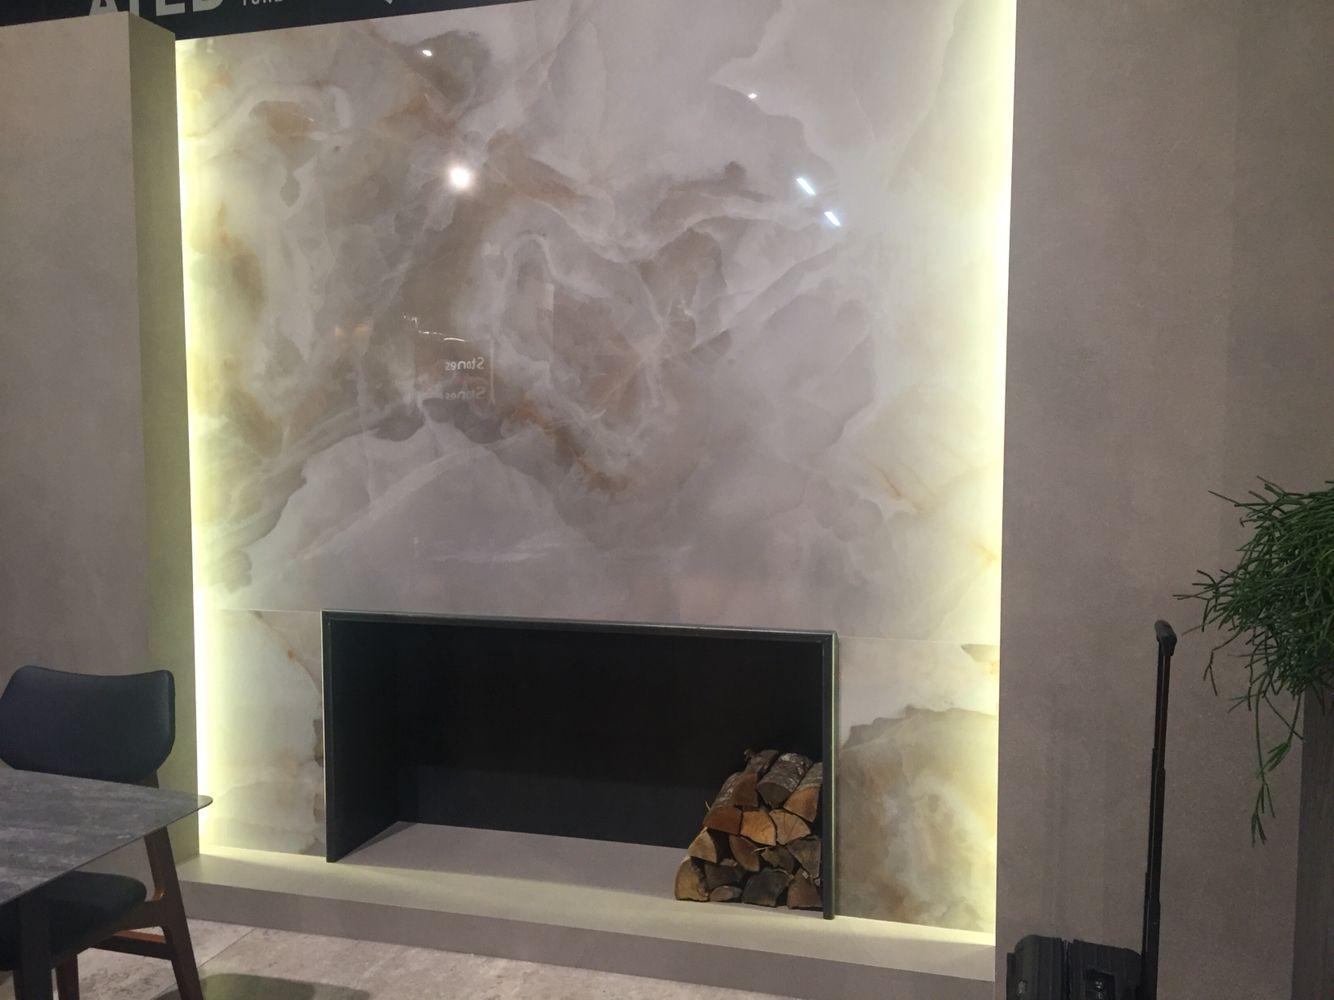 Ambientebeleuchtung Wohnzimmer ~ Indirekte beleuchtung wohnzimmer ideen stilvoll design bath